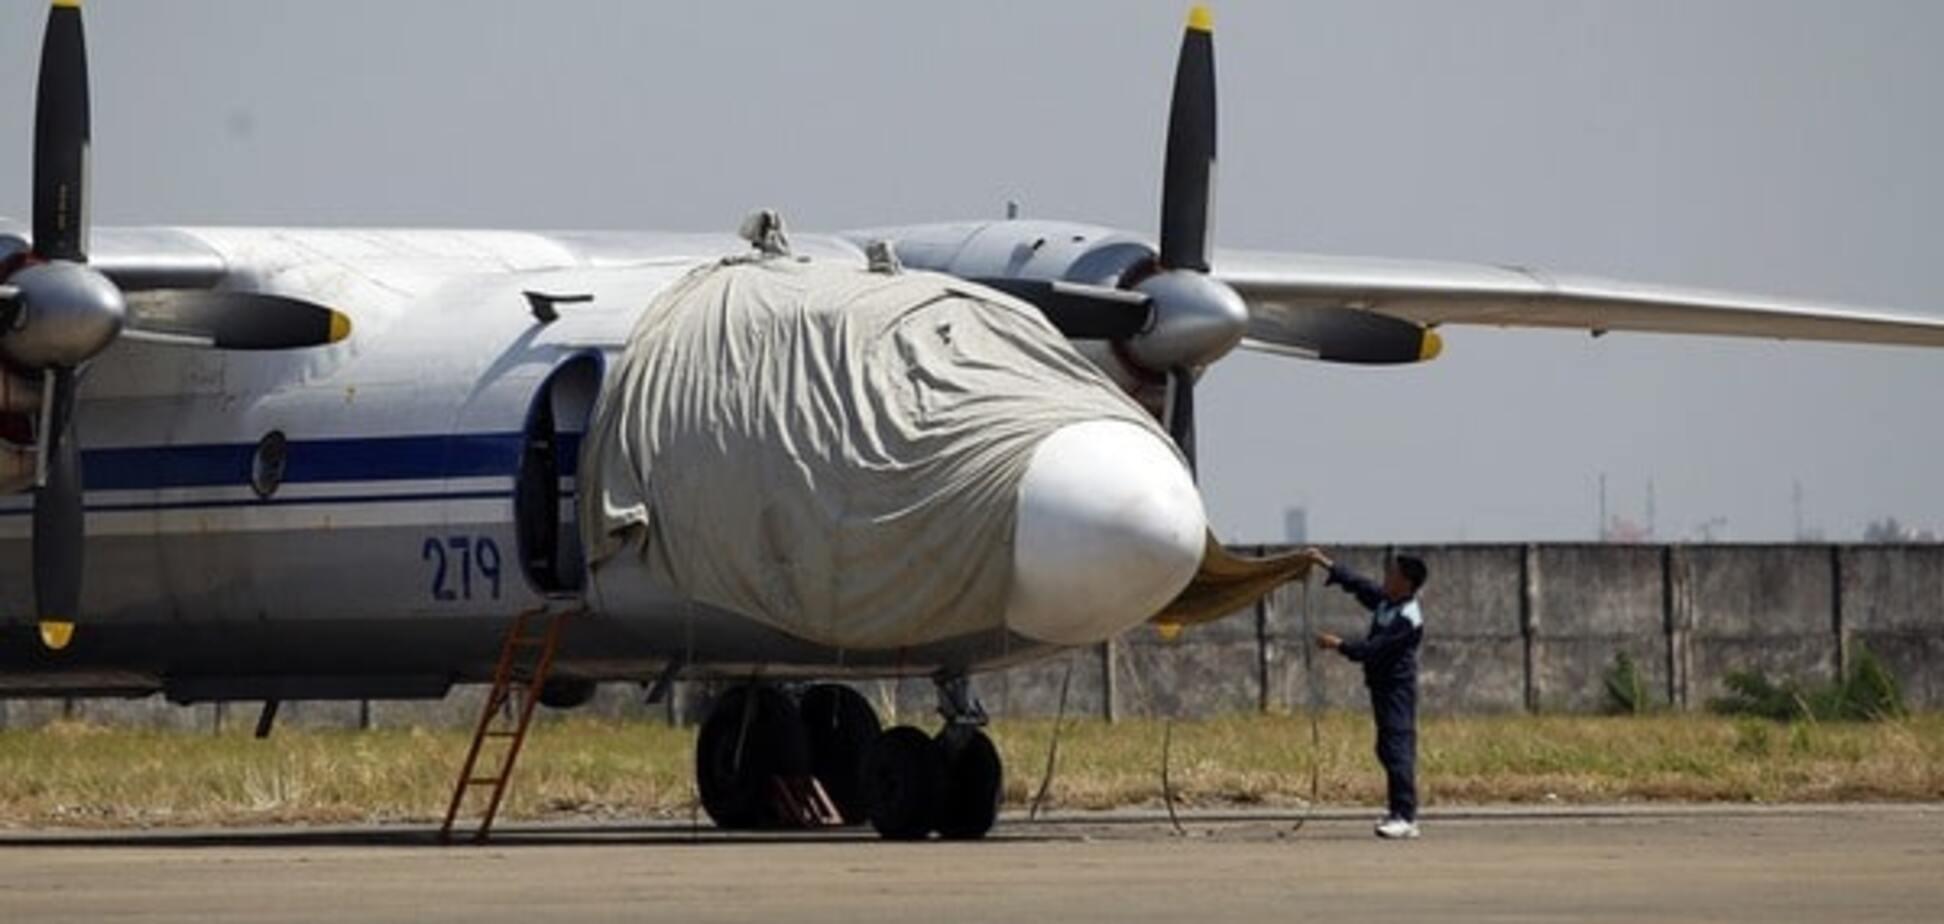 СБУ задержала террориста из банды, которая сбила Ан-26: видеофакт